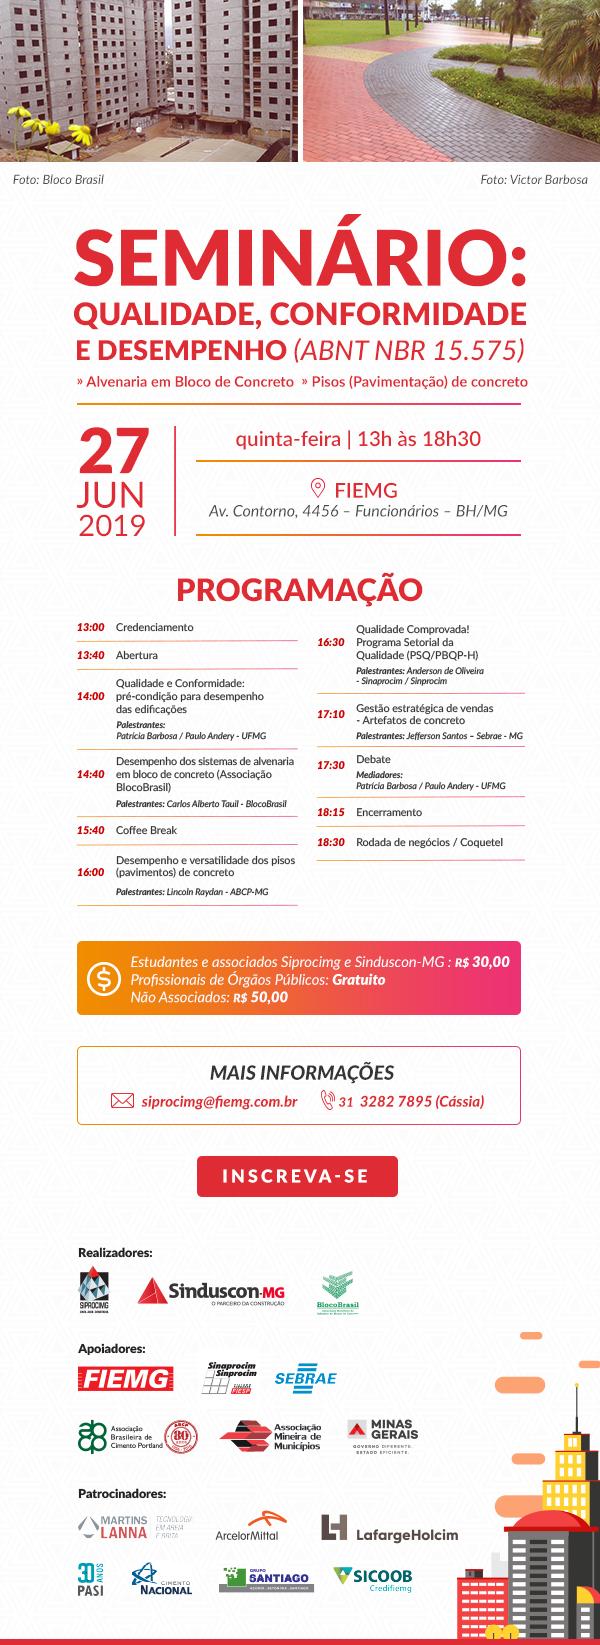 SI 9738 MAR19-Semina_rio Qualidade, Conformidade e Desempenho_v03_email_mkt